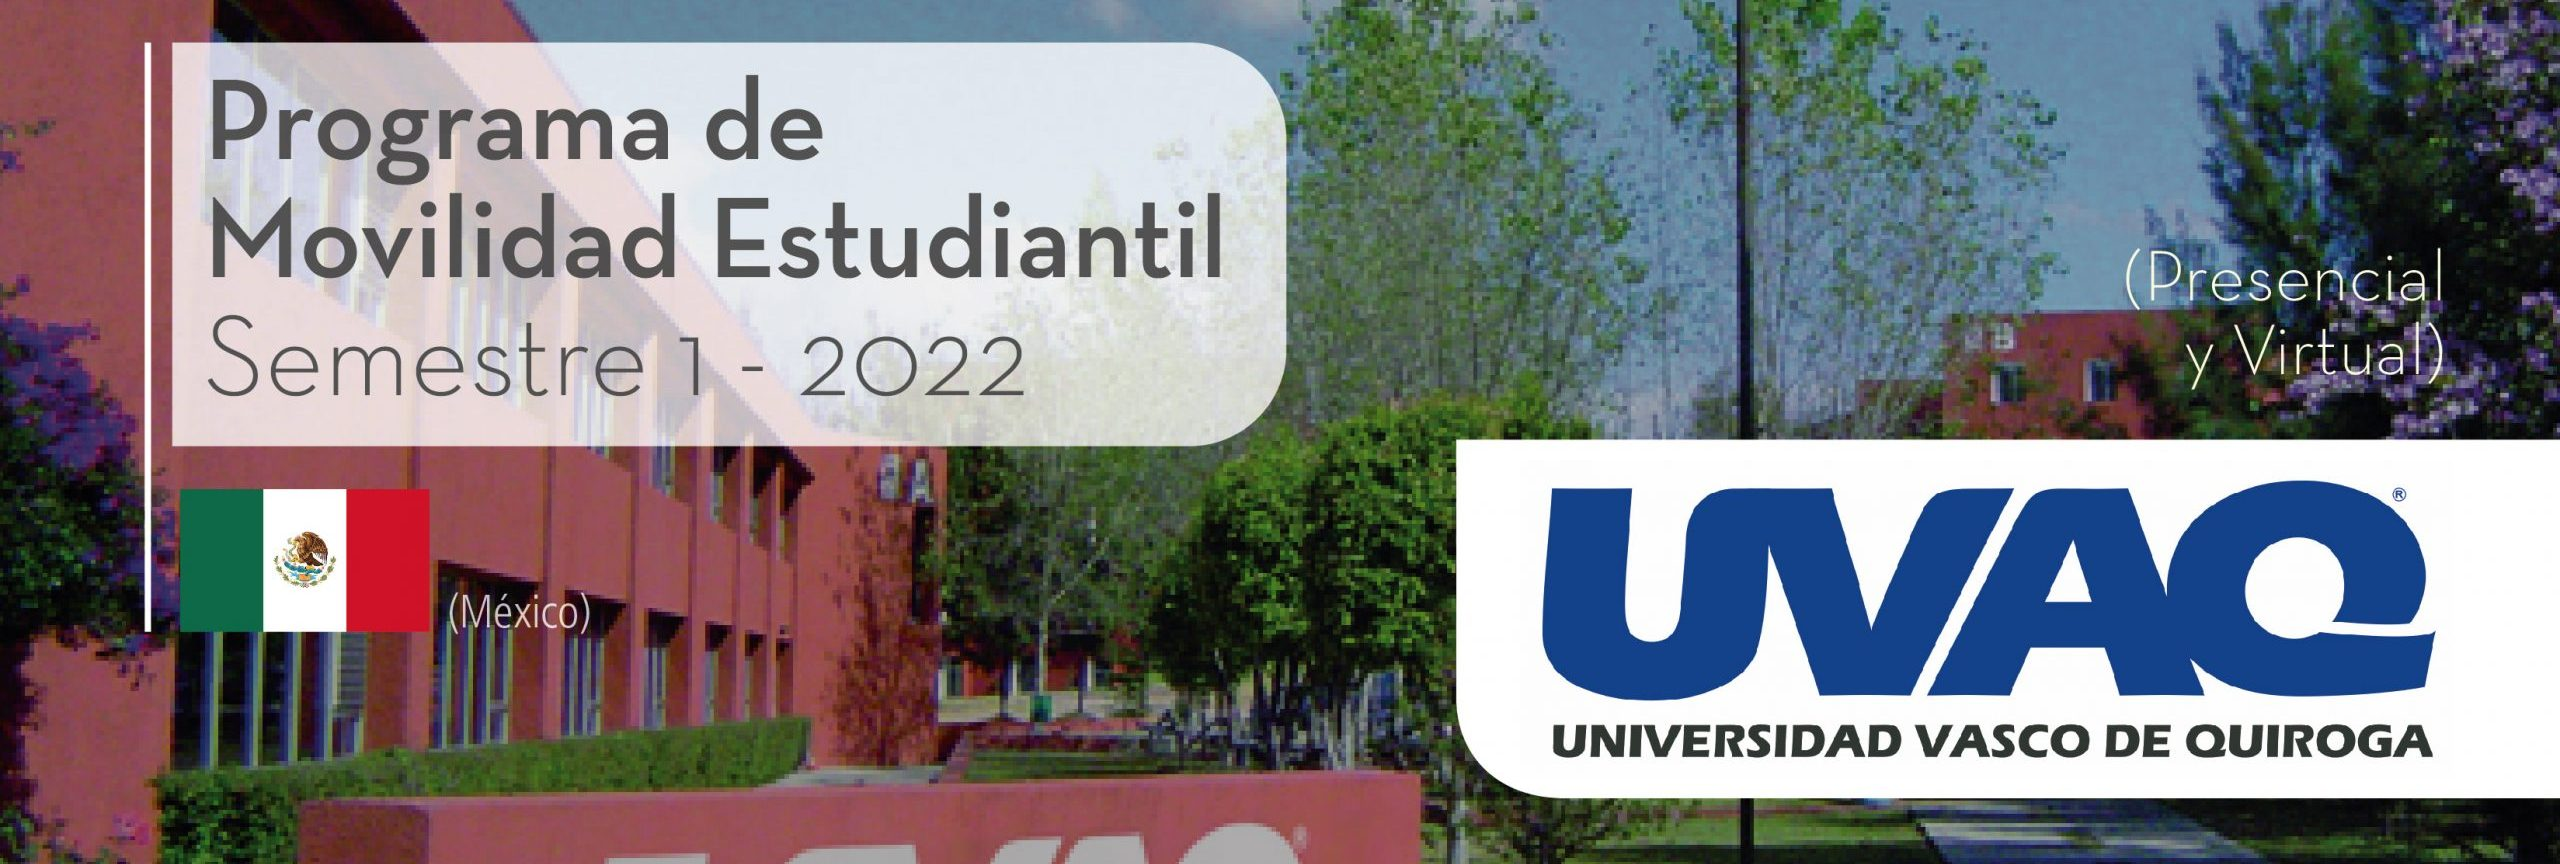 La Universidad del Vasco de Quiroga de México es parte del Programa de Movilidad Estudiantil UCB por el Mundo.